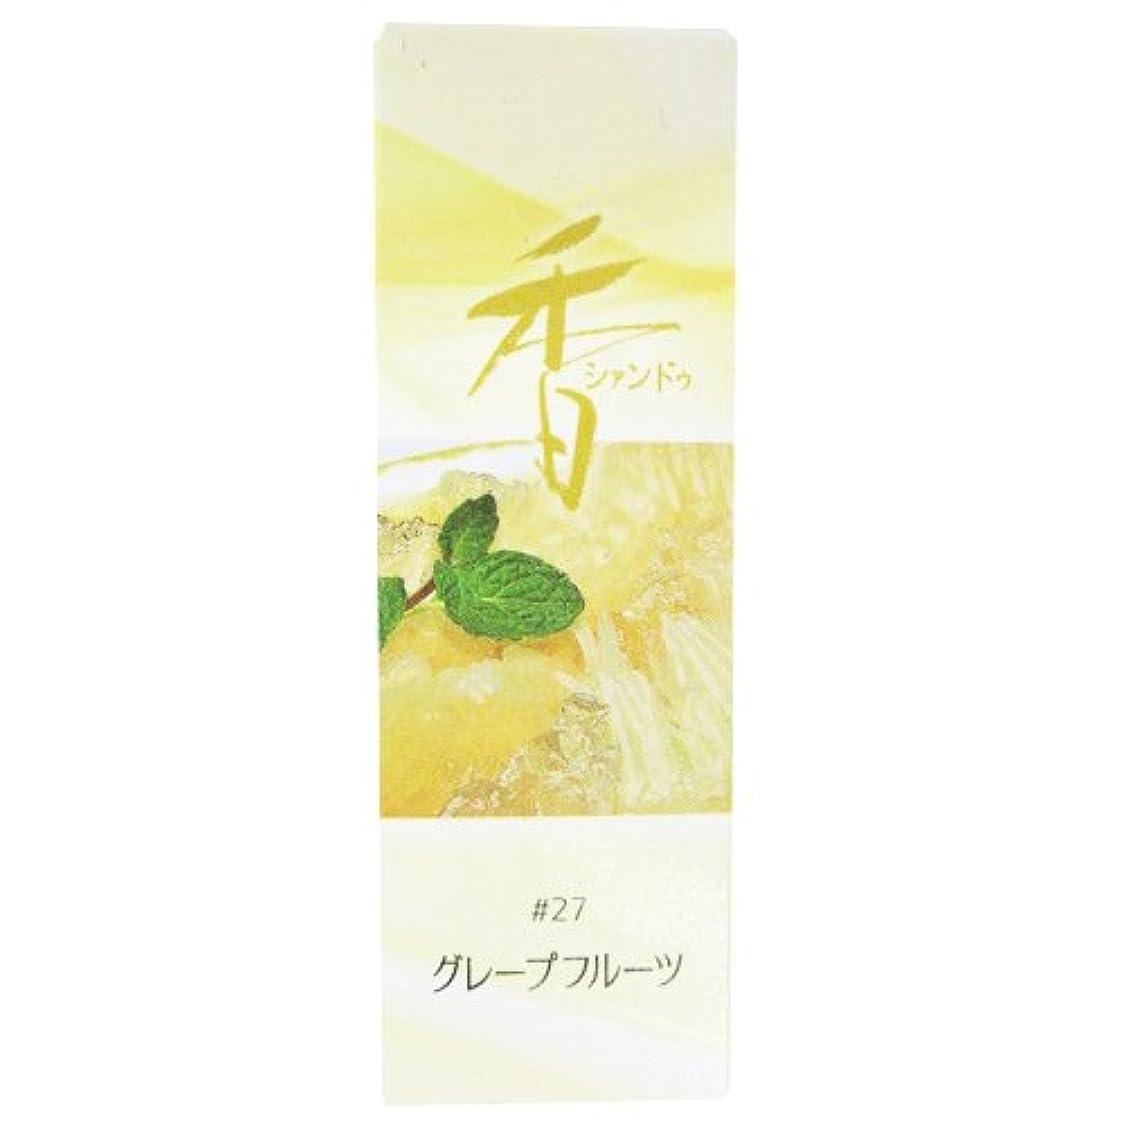 専ら成人期回転させる松栄堂のお香 Xiang Do(シャンドゥ) グレープフルーツ ST20本入 簡易香立付 #214227